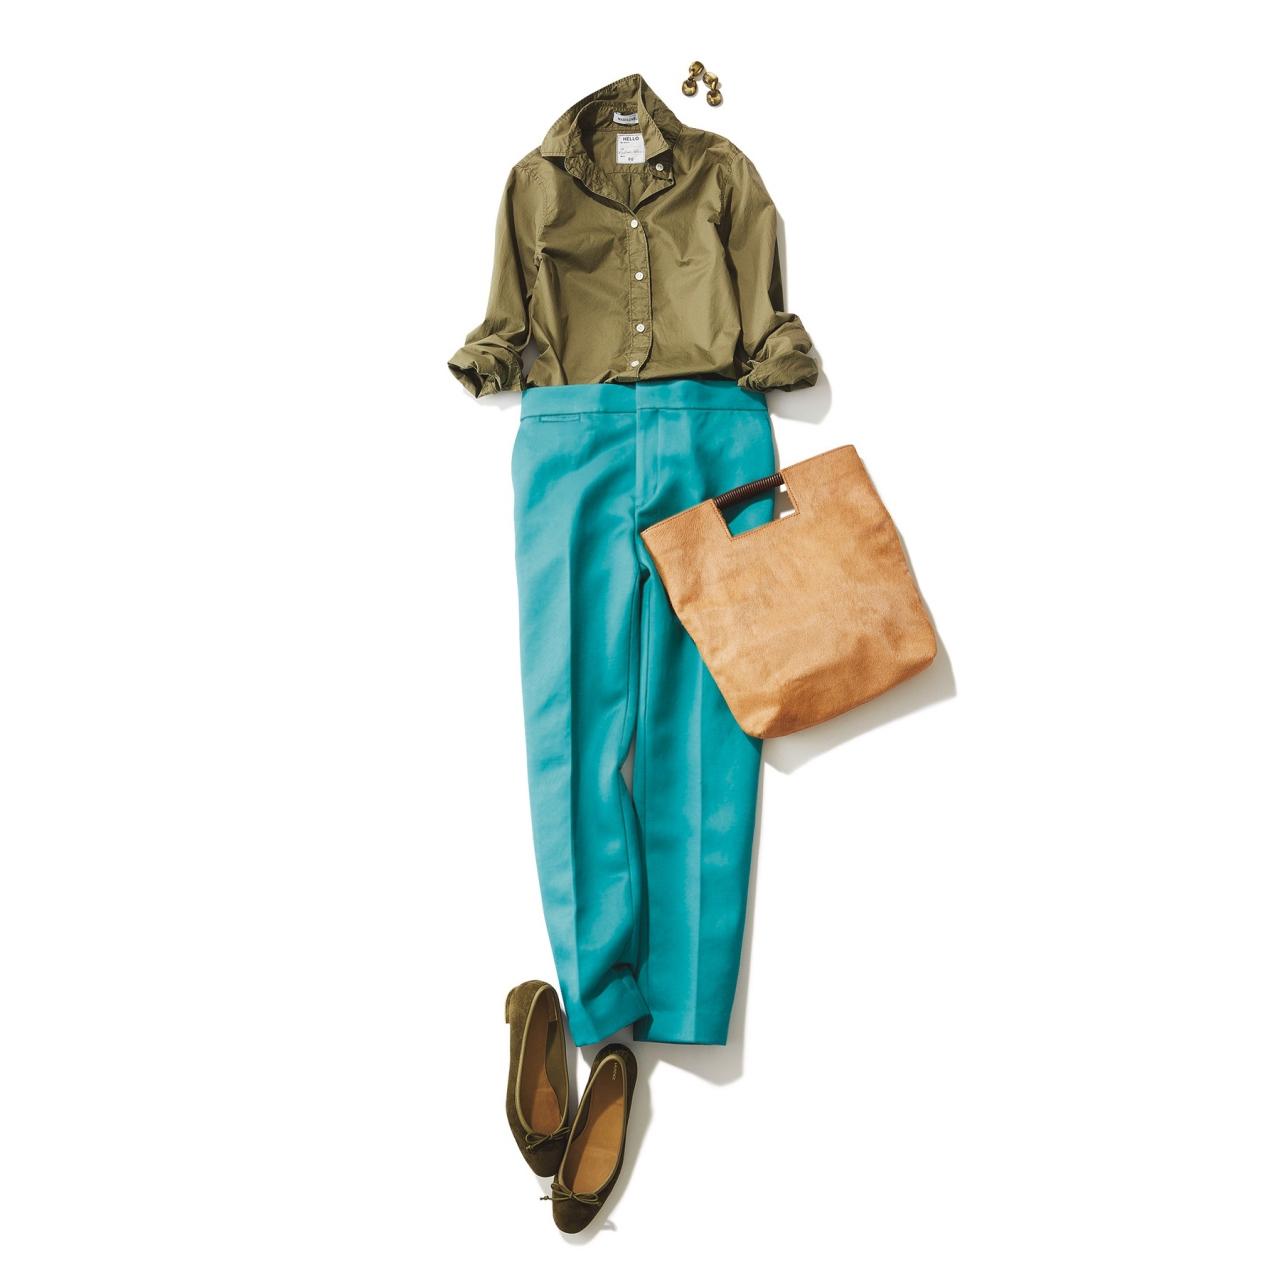 カーキシャツ×エメラルドグリーンパンツのファッションコーデ